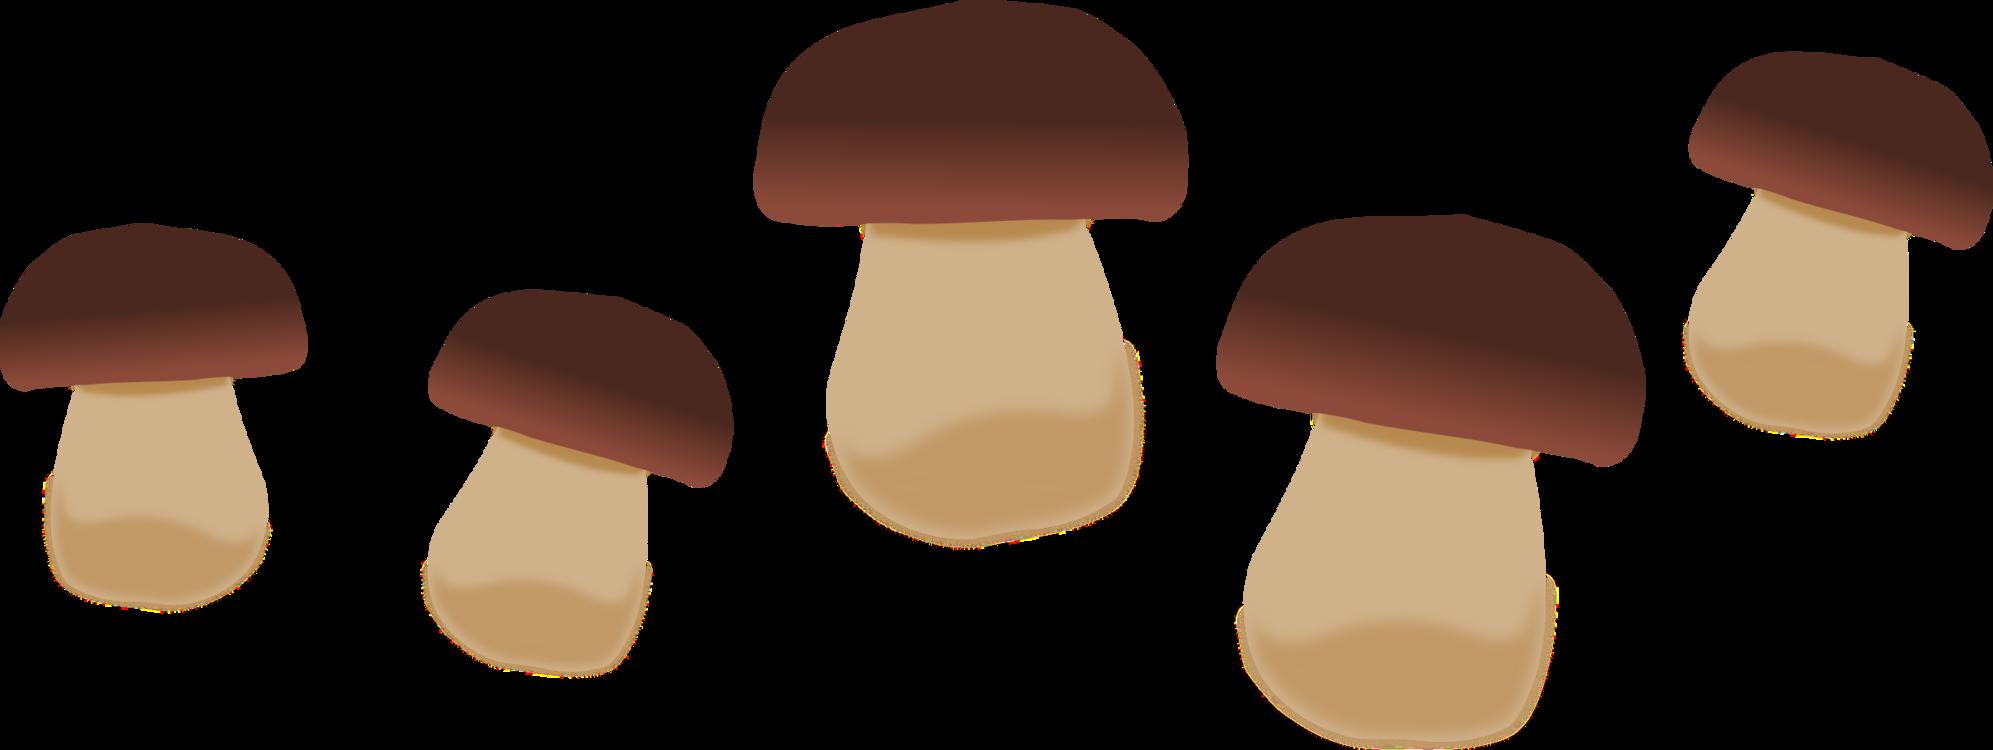 Brown,Finger,Mushroom